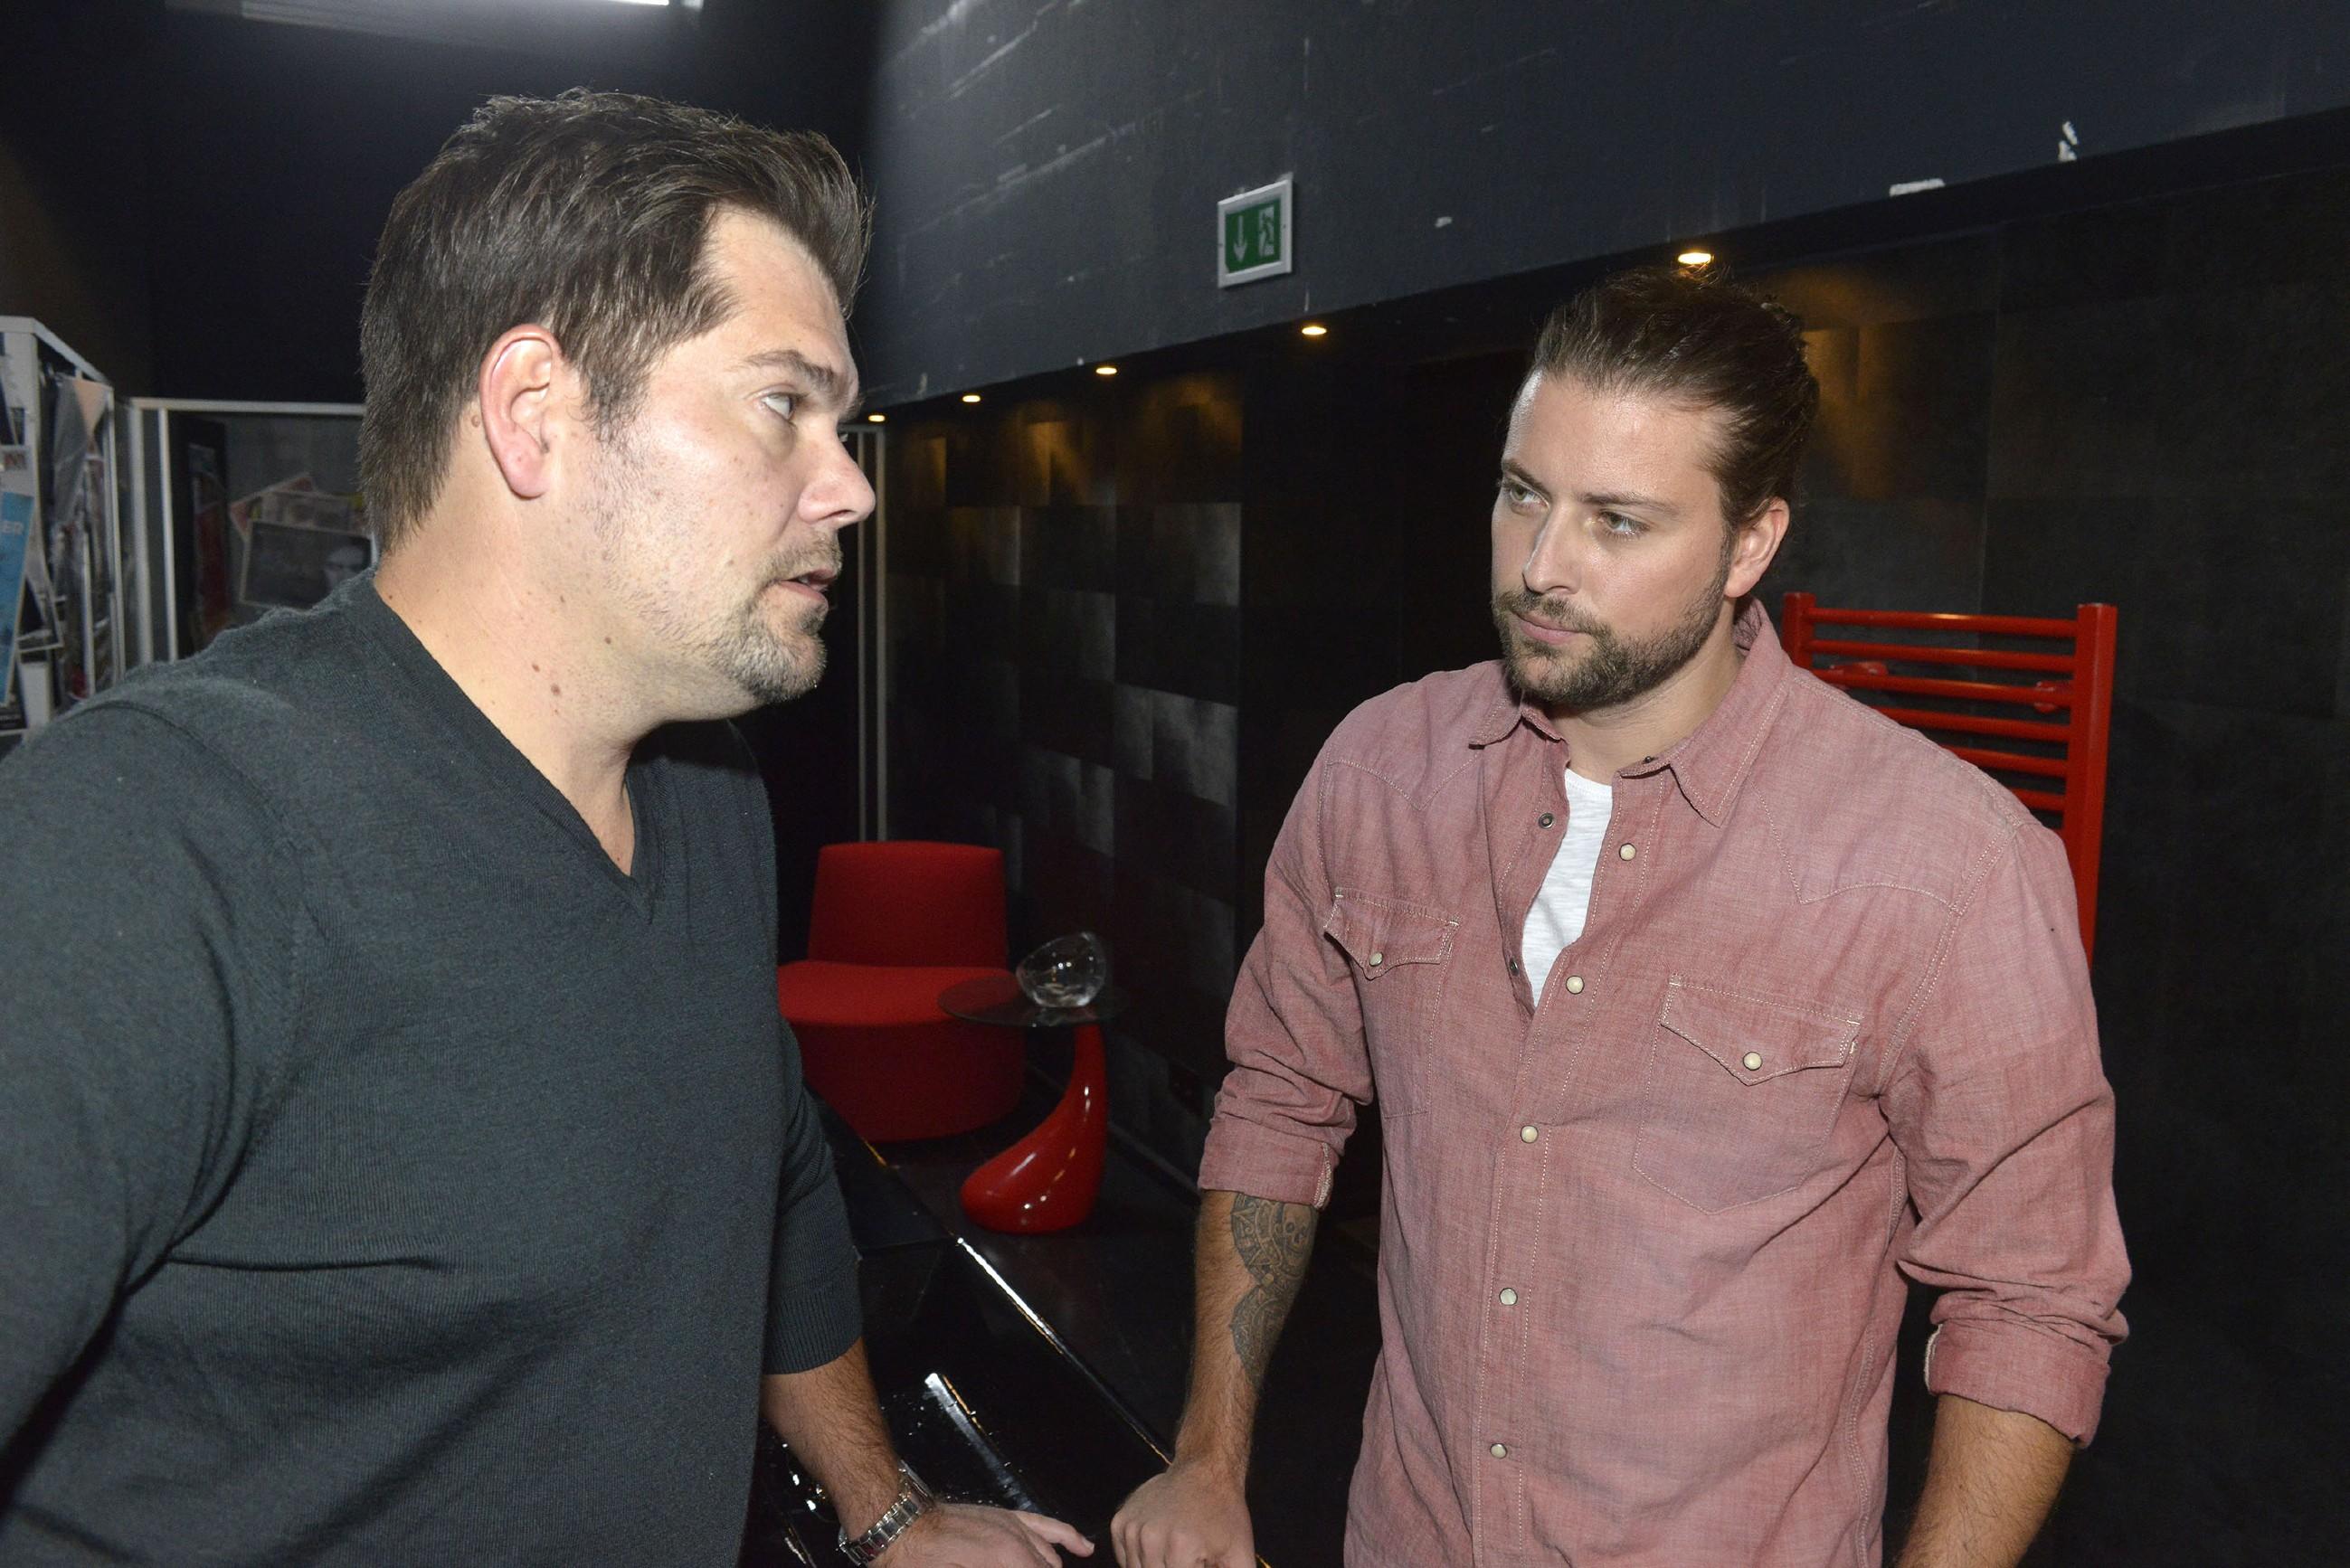 Leon (Daniel Fehlow, l.) versucht Johns (Felix von Jascheroff) Wut auf Maren runterzukochen und um Verständnis für Maren zu werben. (RTL / Rolf Baumgartner)